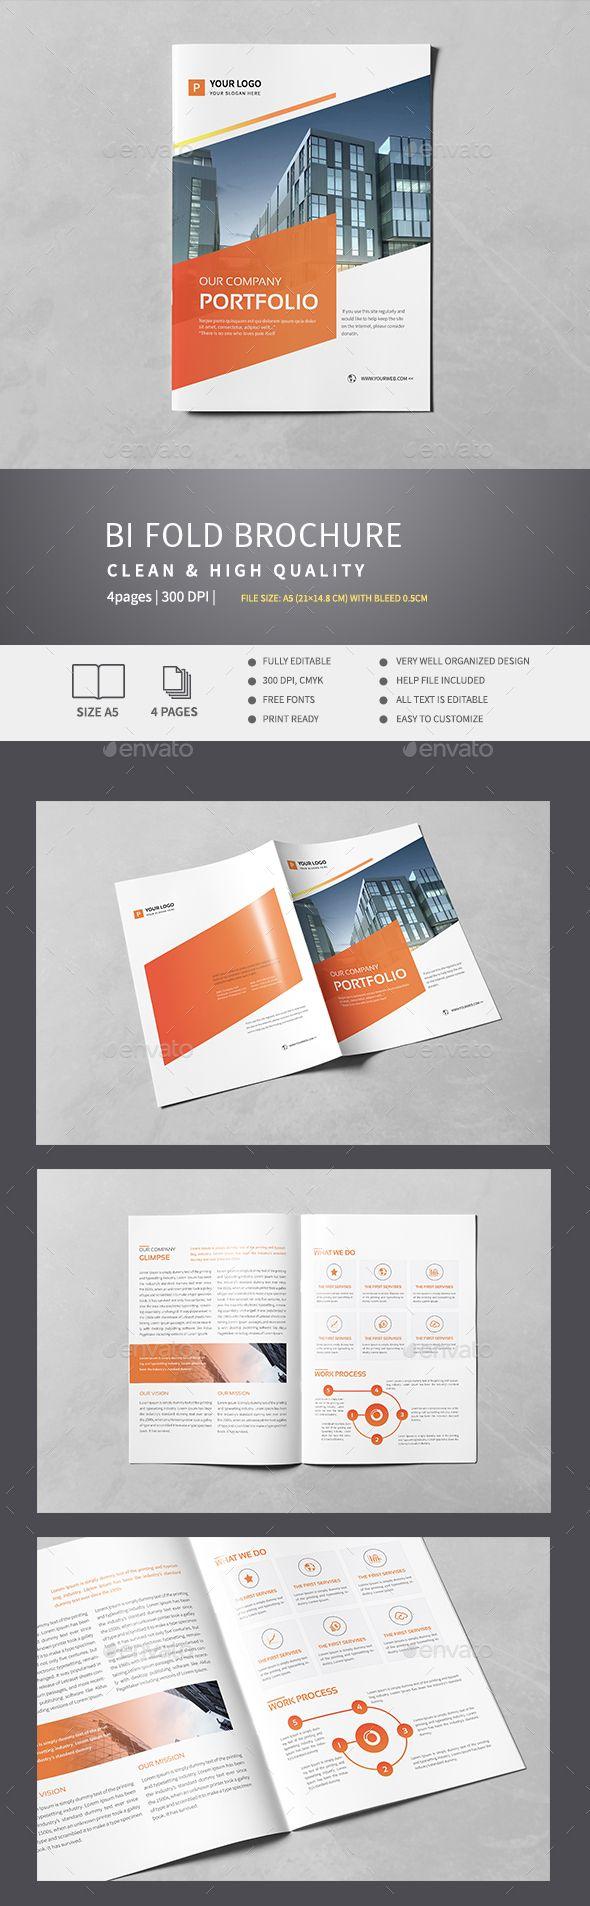 Corporate Bi-Fold Brochure v.1